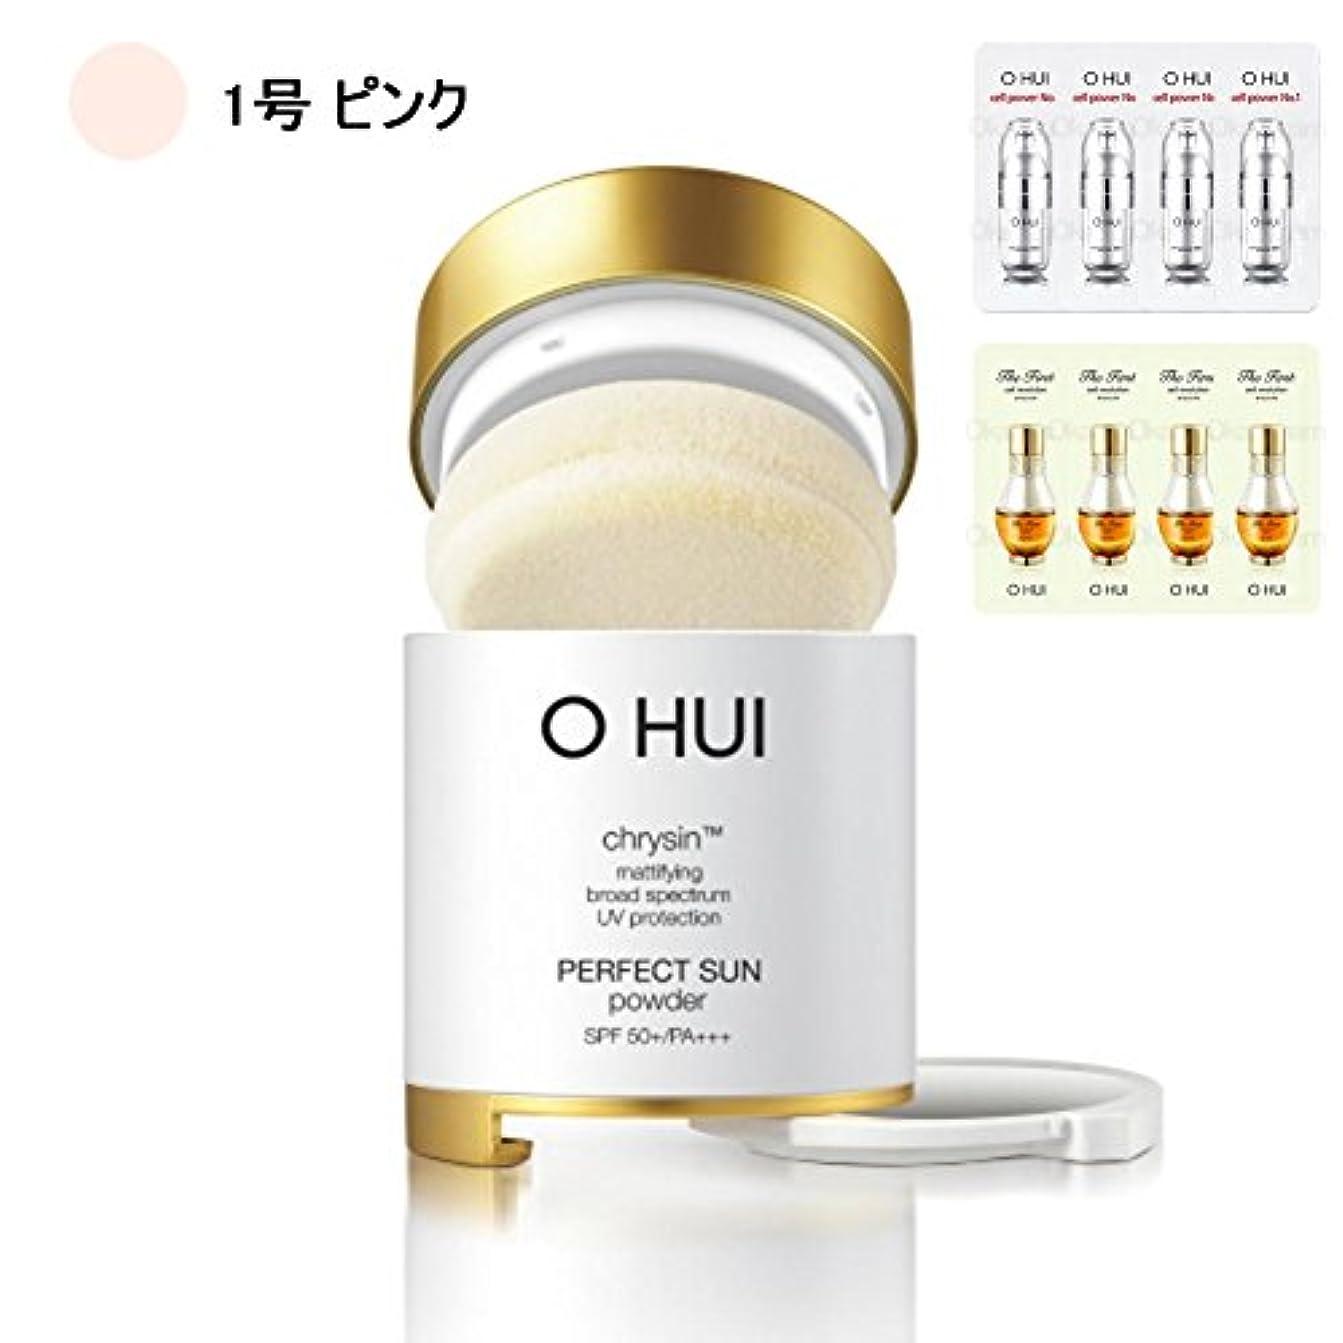 ツーリスト適応するページ[オフィ/O HUI]韓国化粧品 LG生活健康/OHUI OFS06 PERFECT SUN POWDER/オフィ パーフェクトサンパウダー 1号 (SPF50+/PA+++) +[Sample Gift](海外直送品)